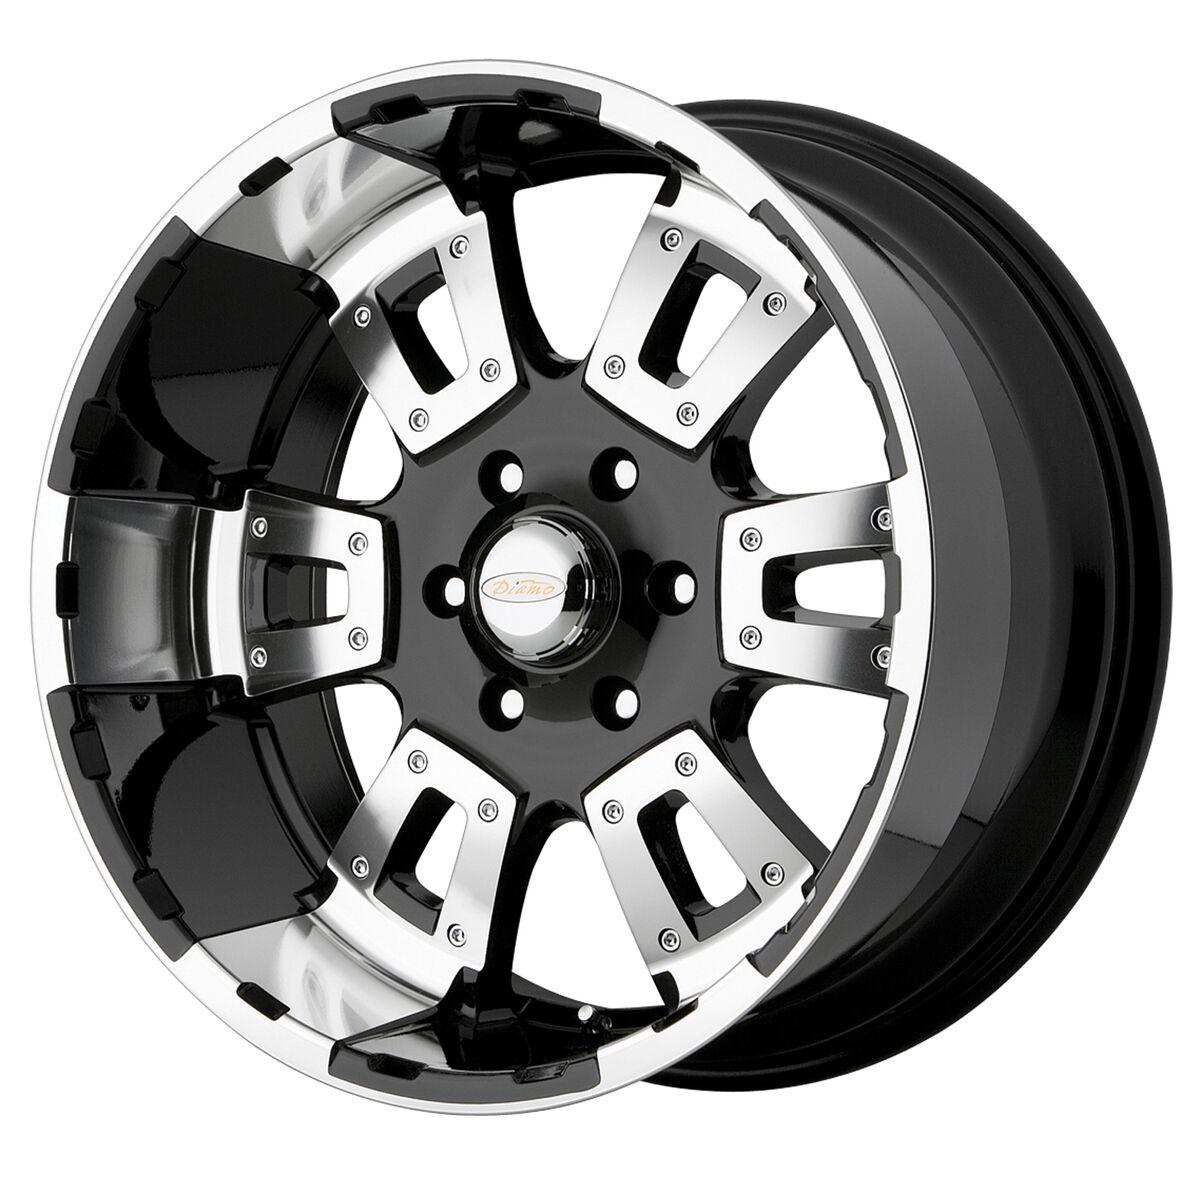 17 Karat 5 6 8 Lug Black Mach Wheels Rims 4 New FREE Caps Lugs Stems